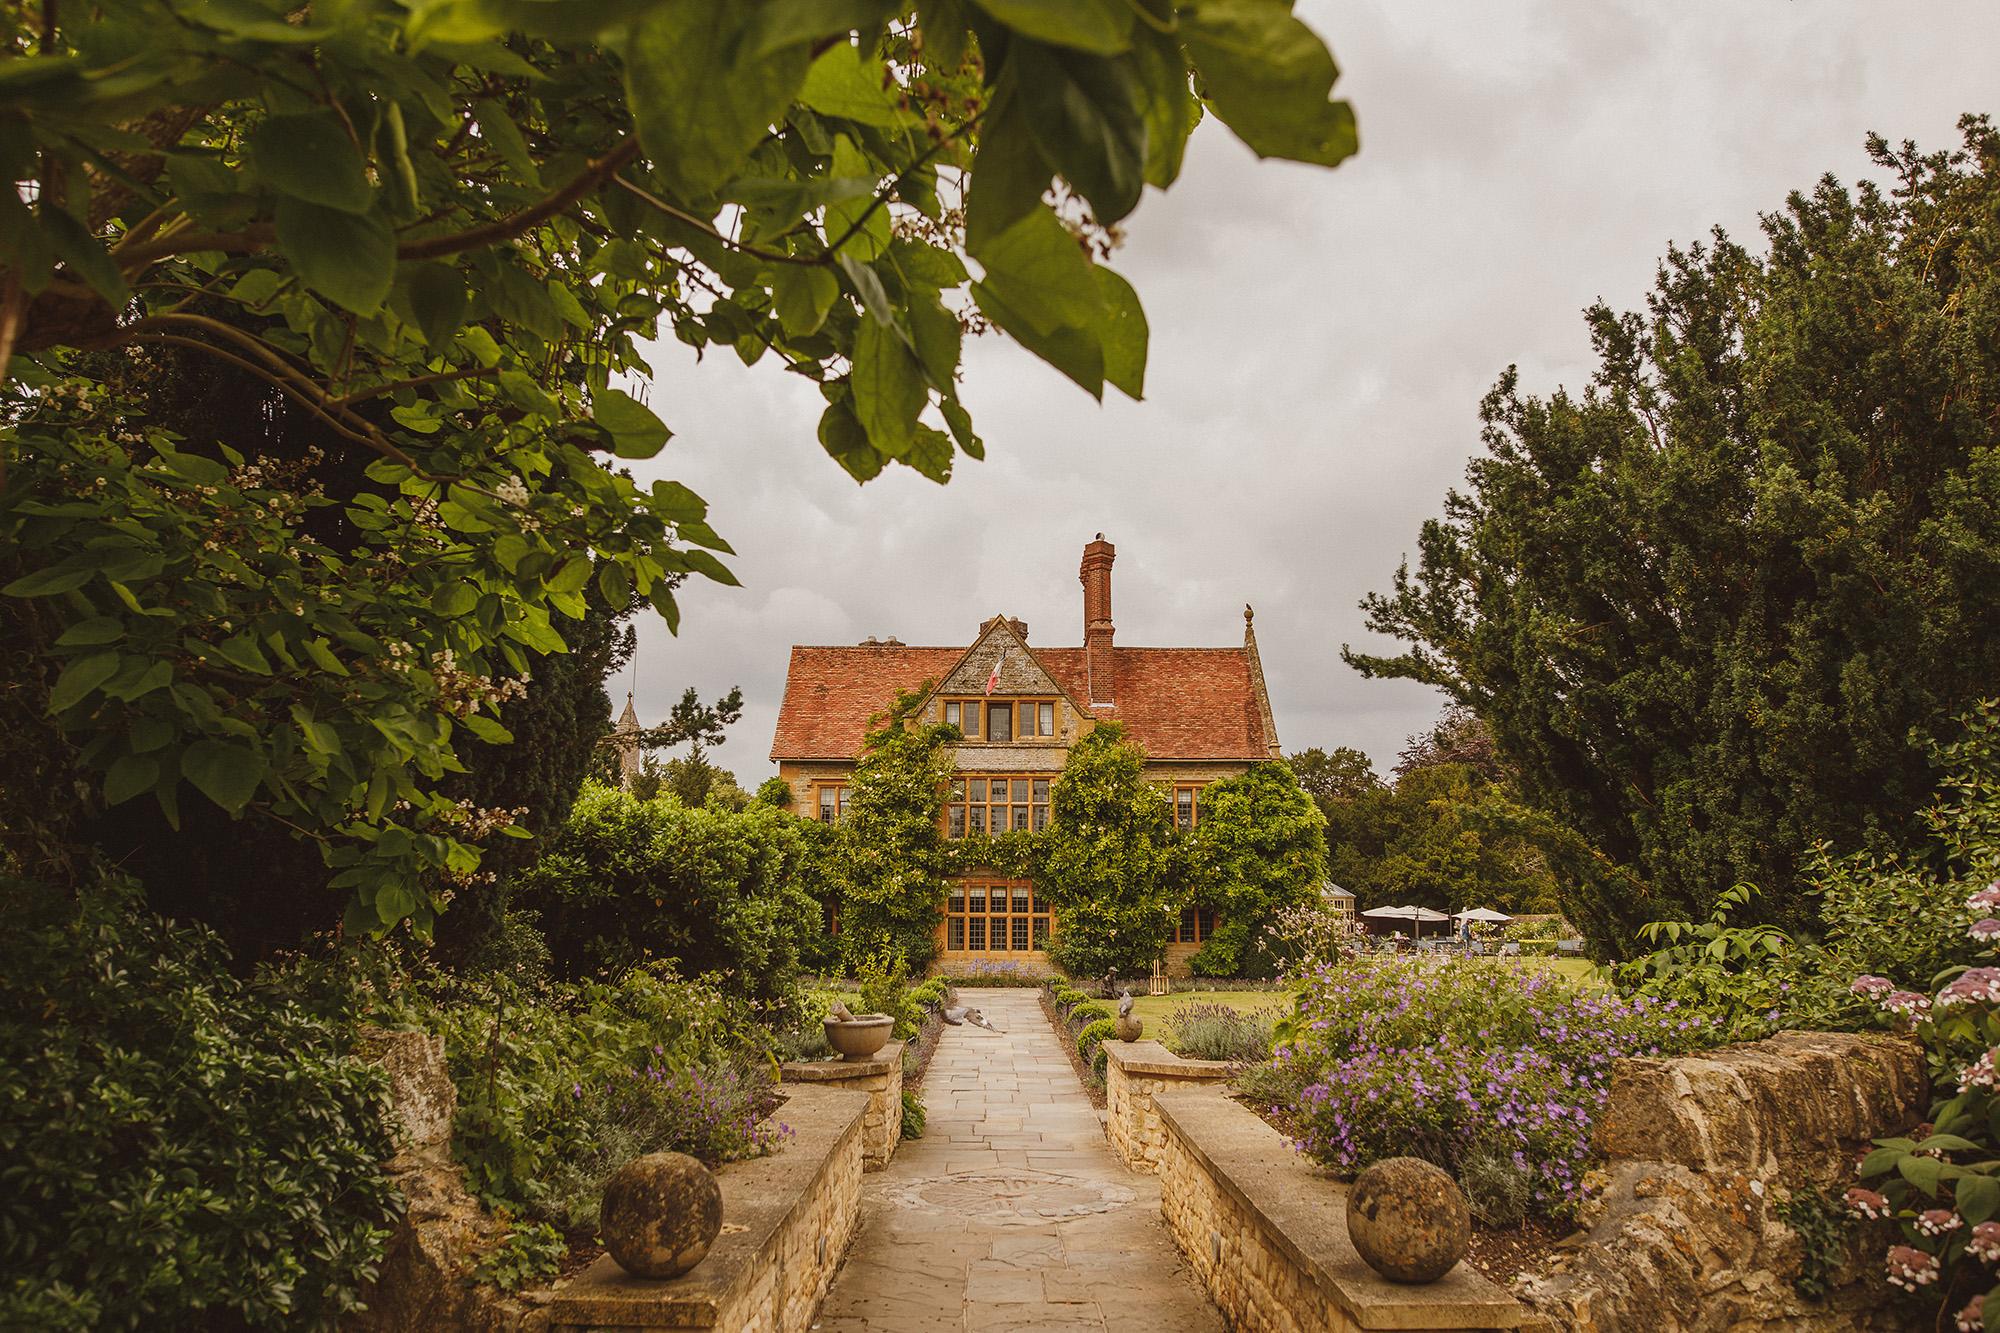 Entrance to Belmond Le Manoir aux Quat Saisons - Oxfordshire, England - photo by Ed Peers